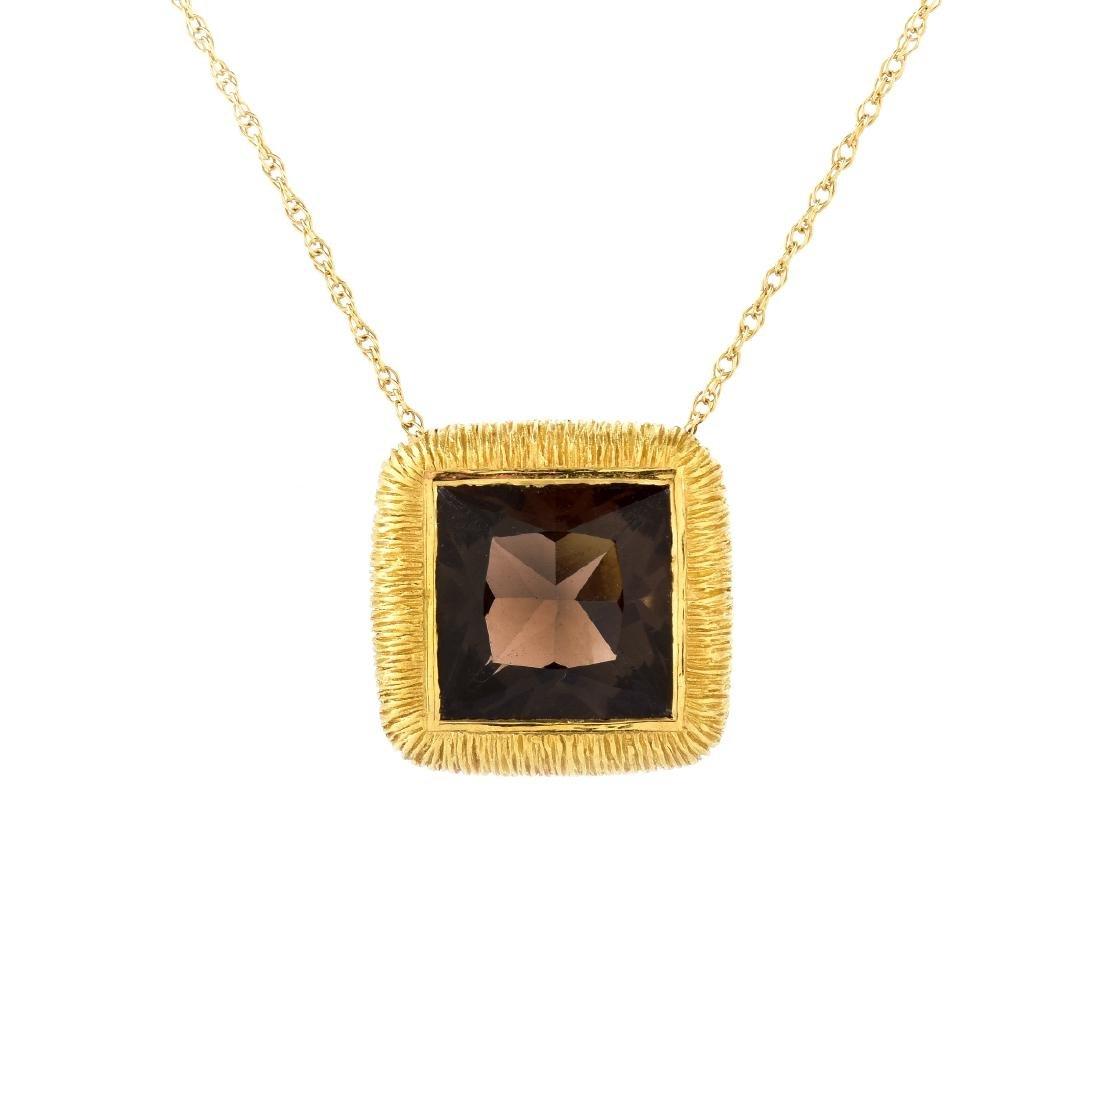 Smokey Quartz and 18K Gold Necklace